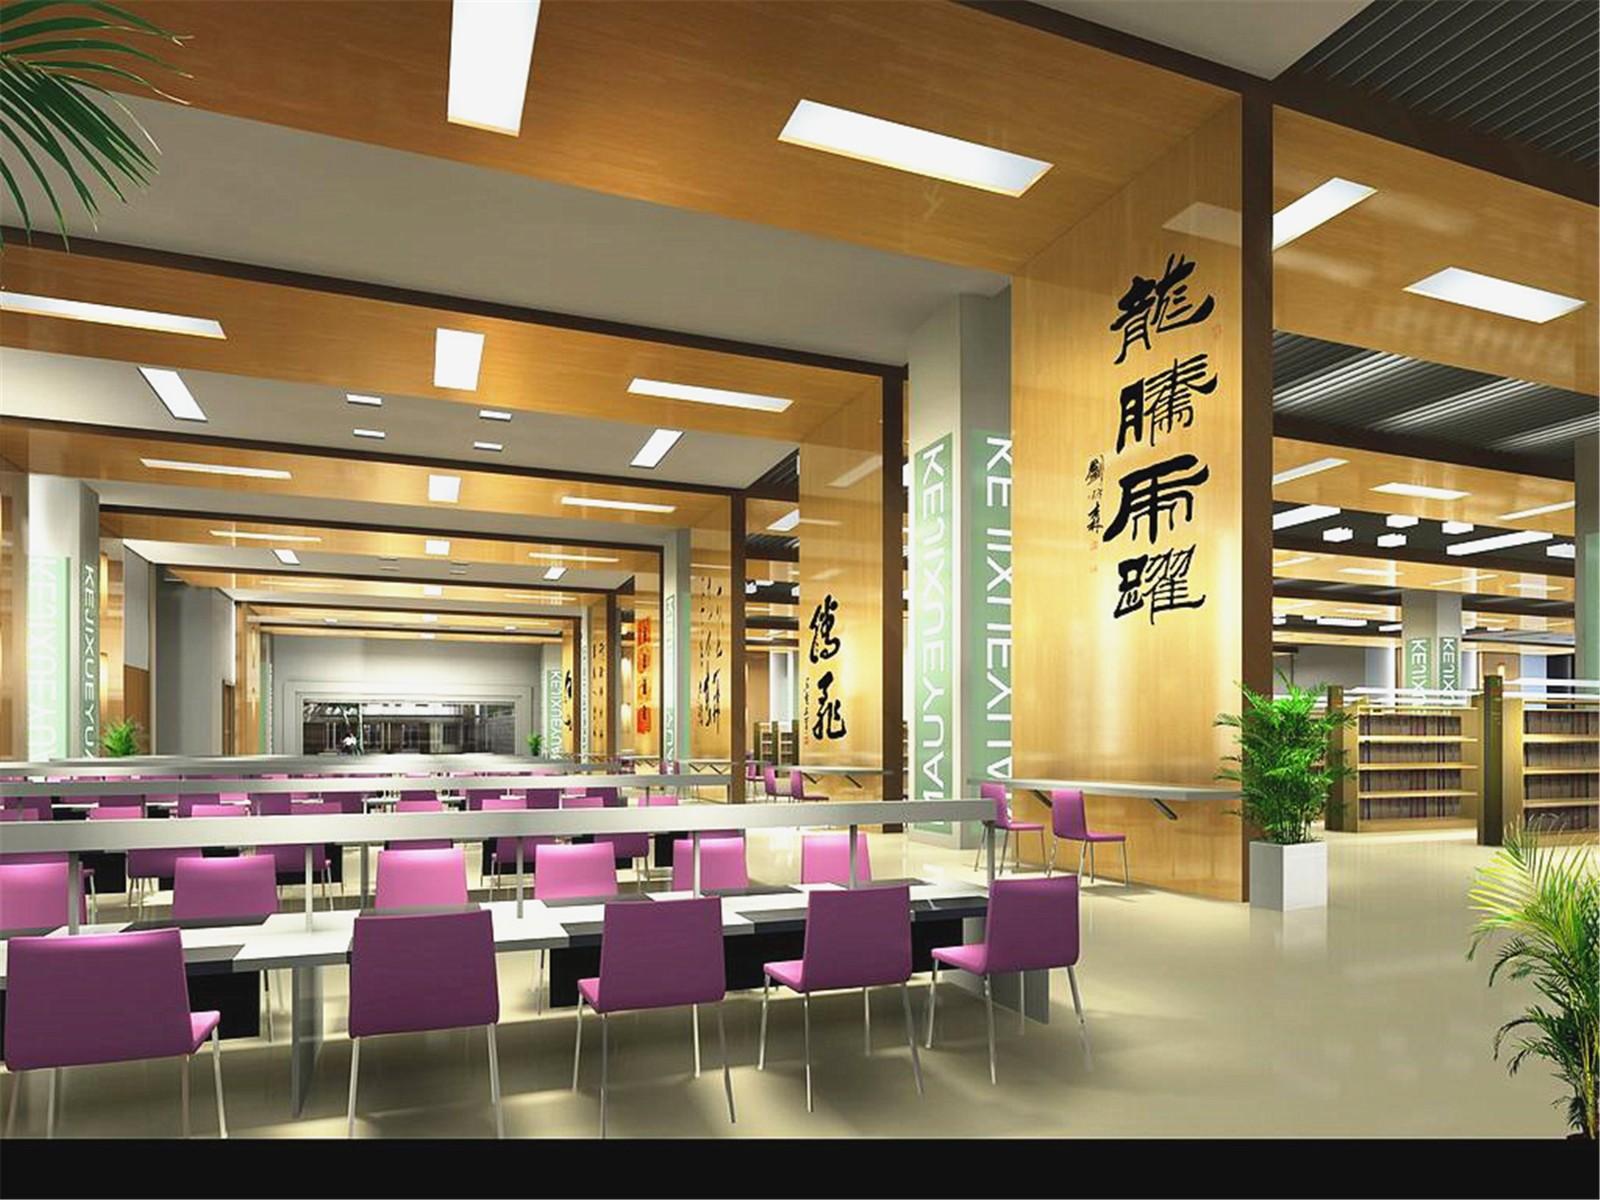 重庆工贸职业学院宿舍